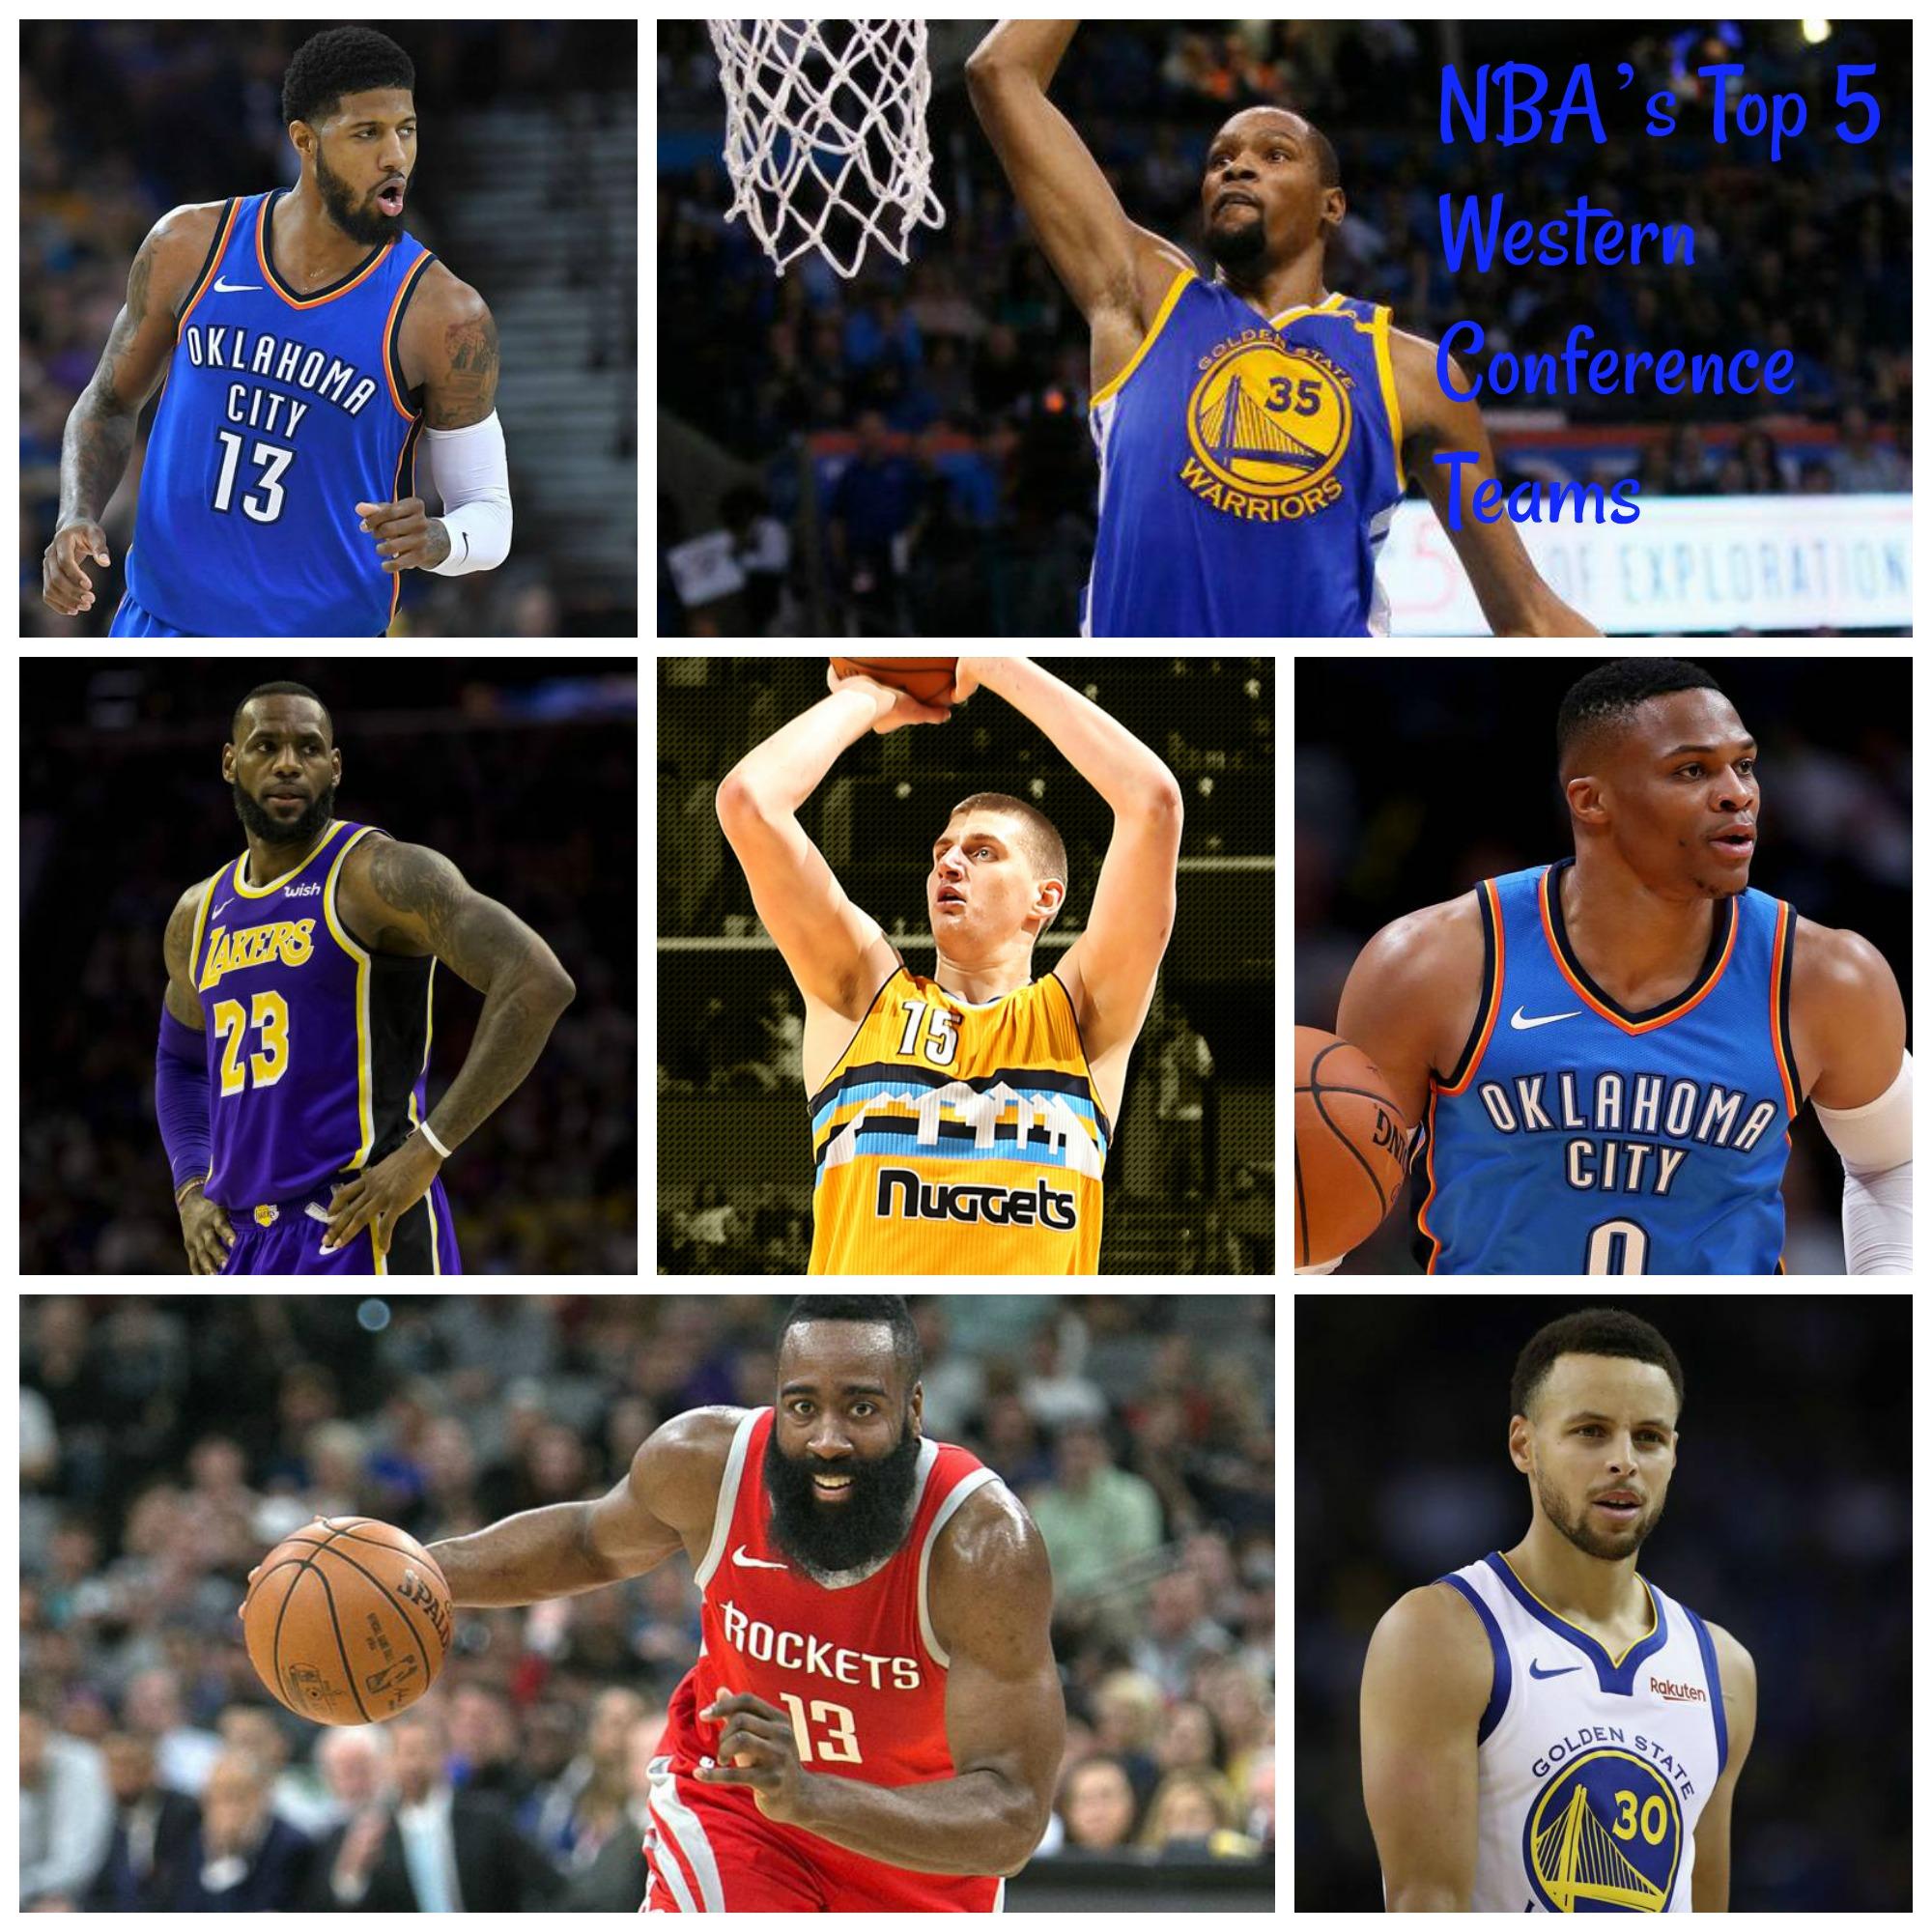 NBA's Top 5 Western Conference Teams